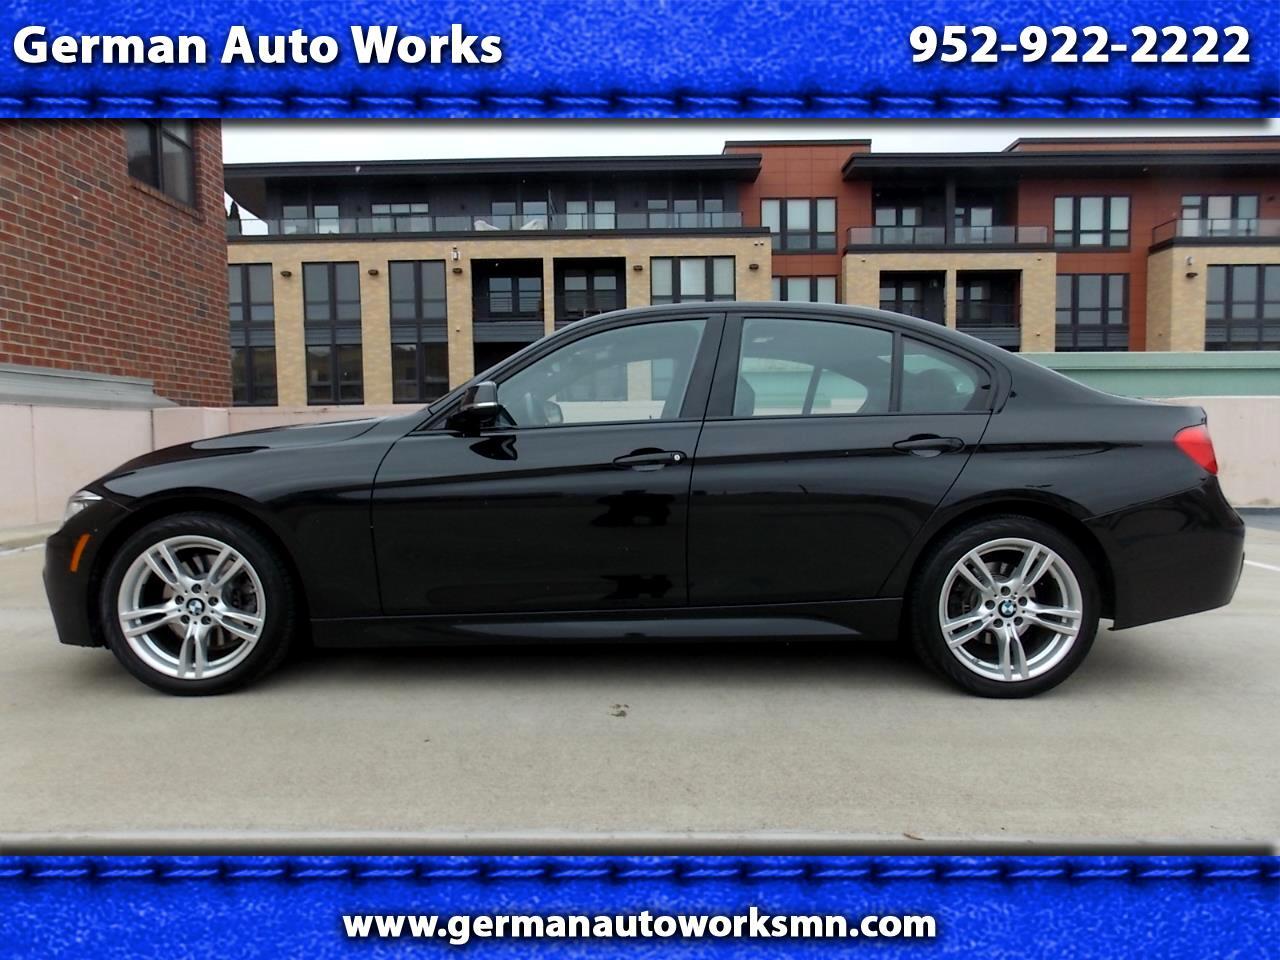 2013 BMW 3 Series 328X Drive M sport